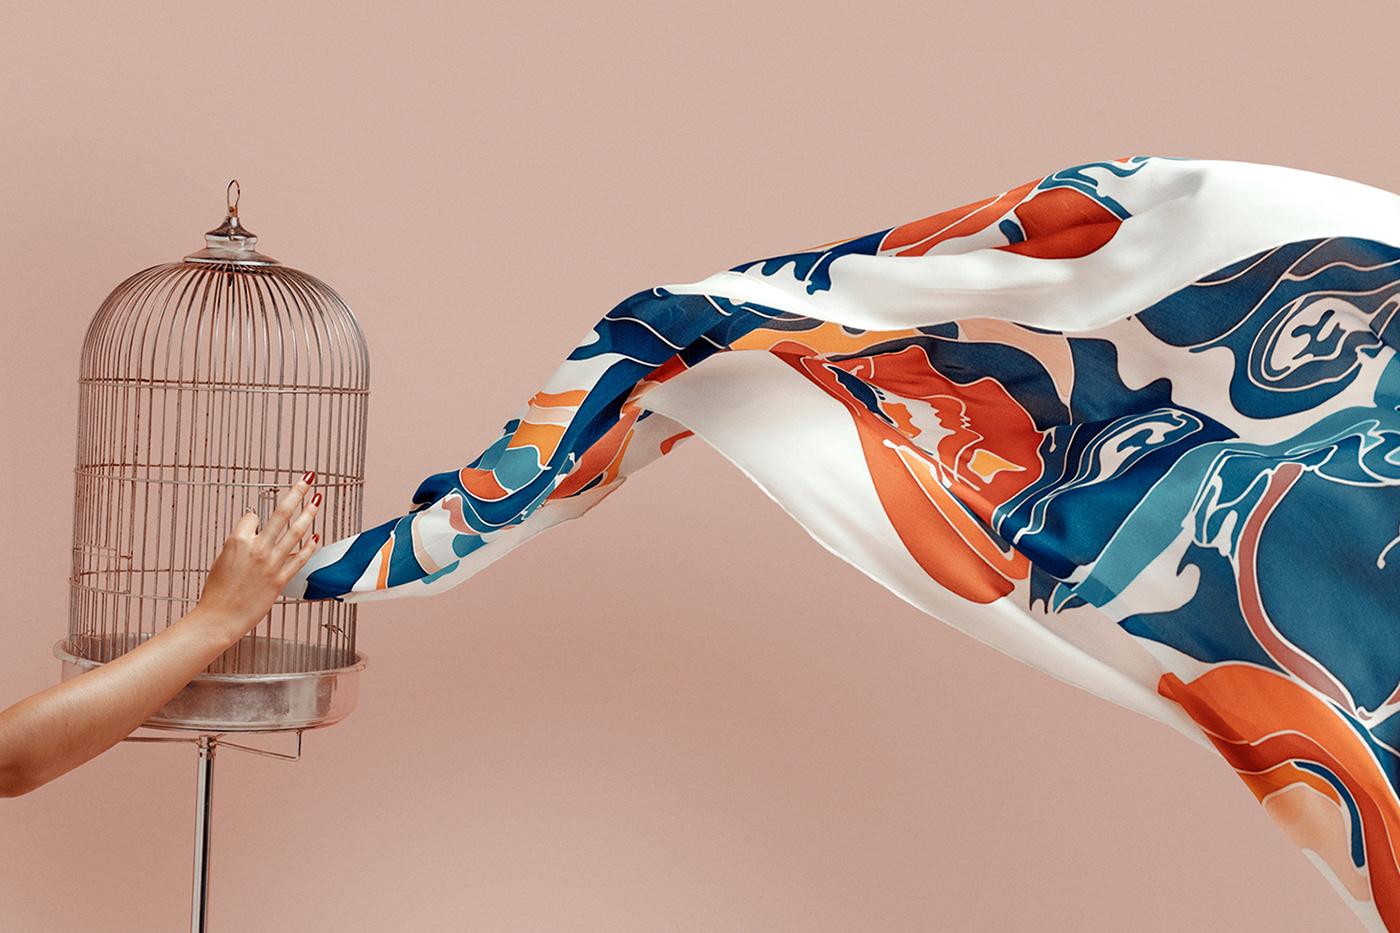 Fotografías surrealistas de pañuelos de seda pintados a mano